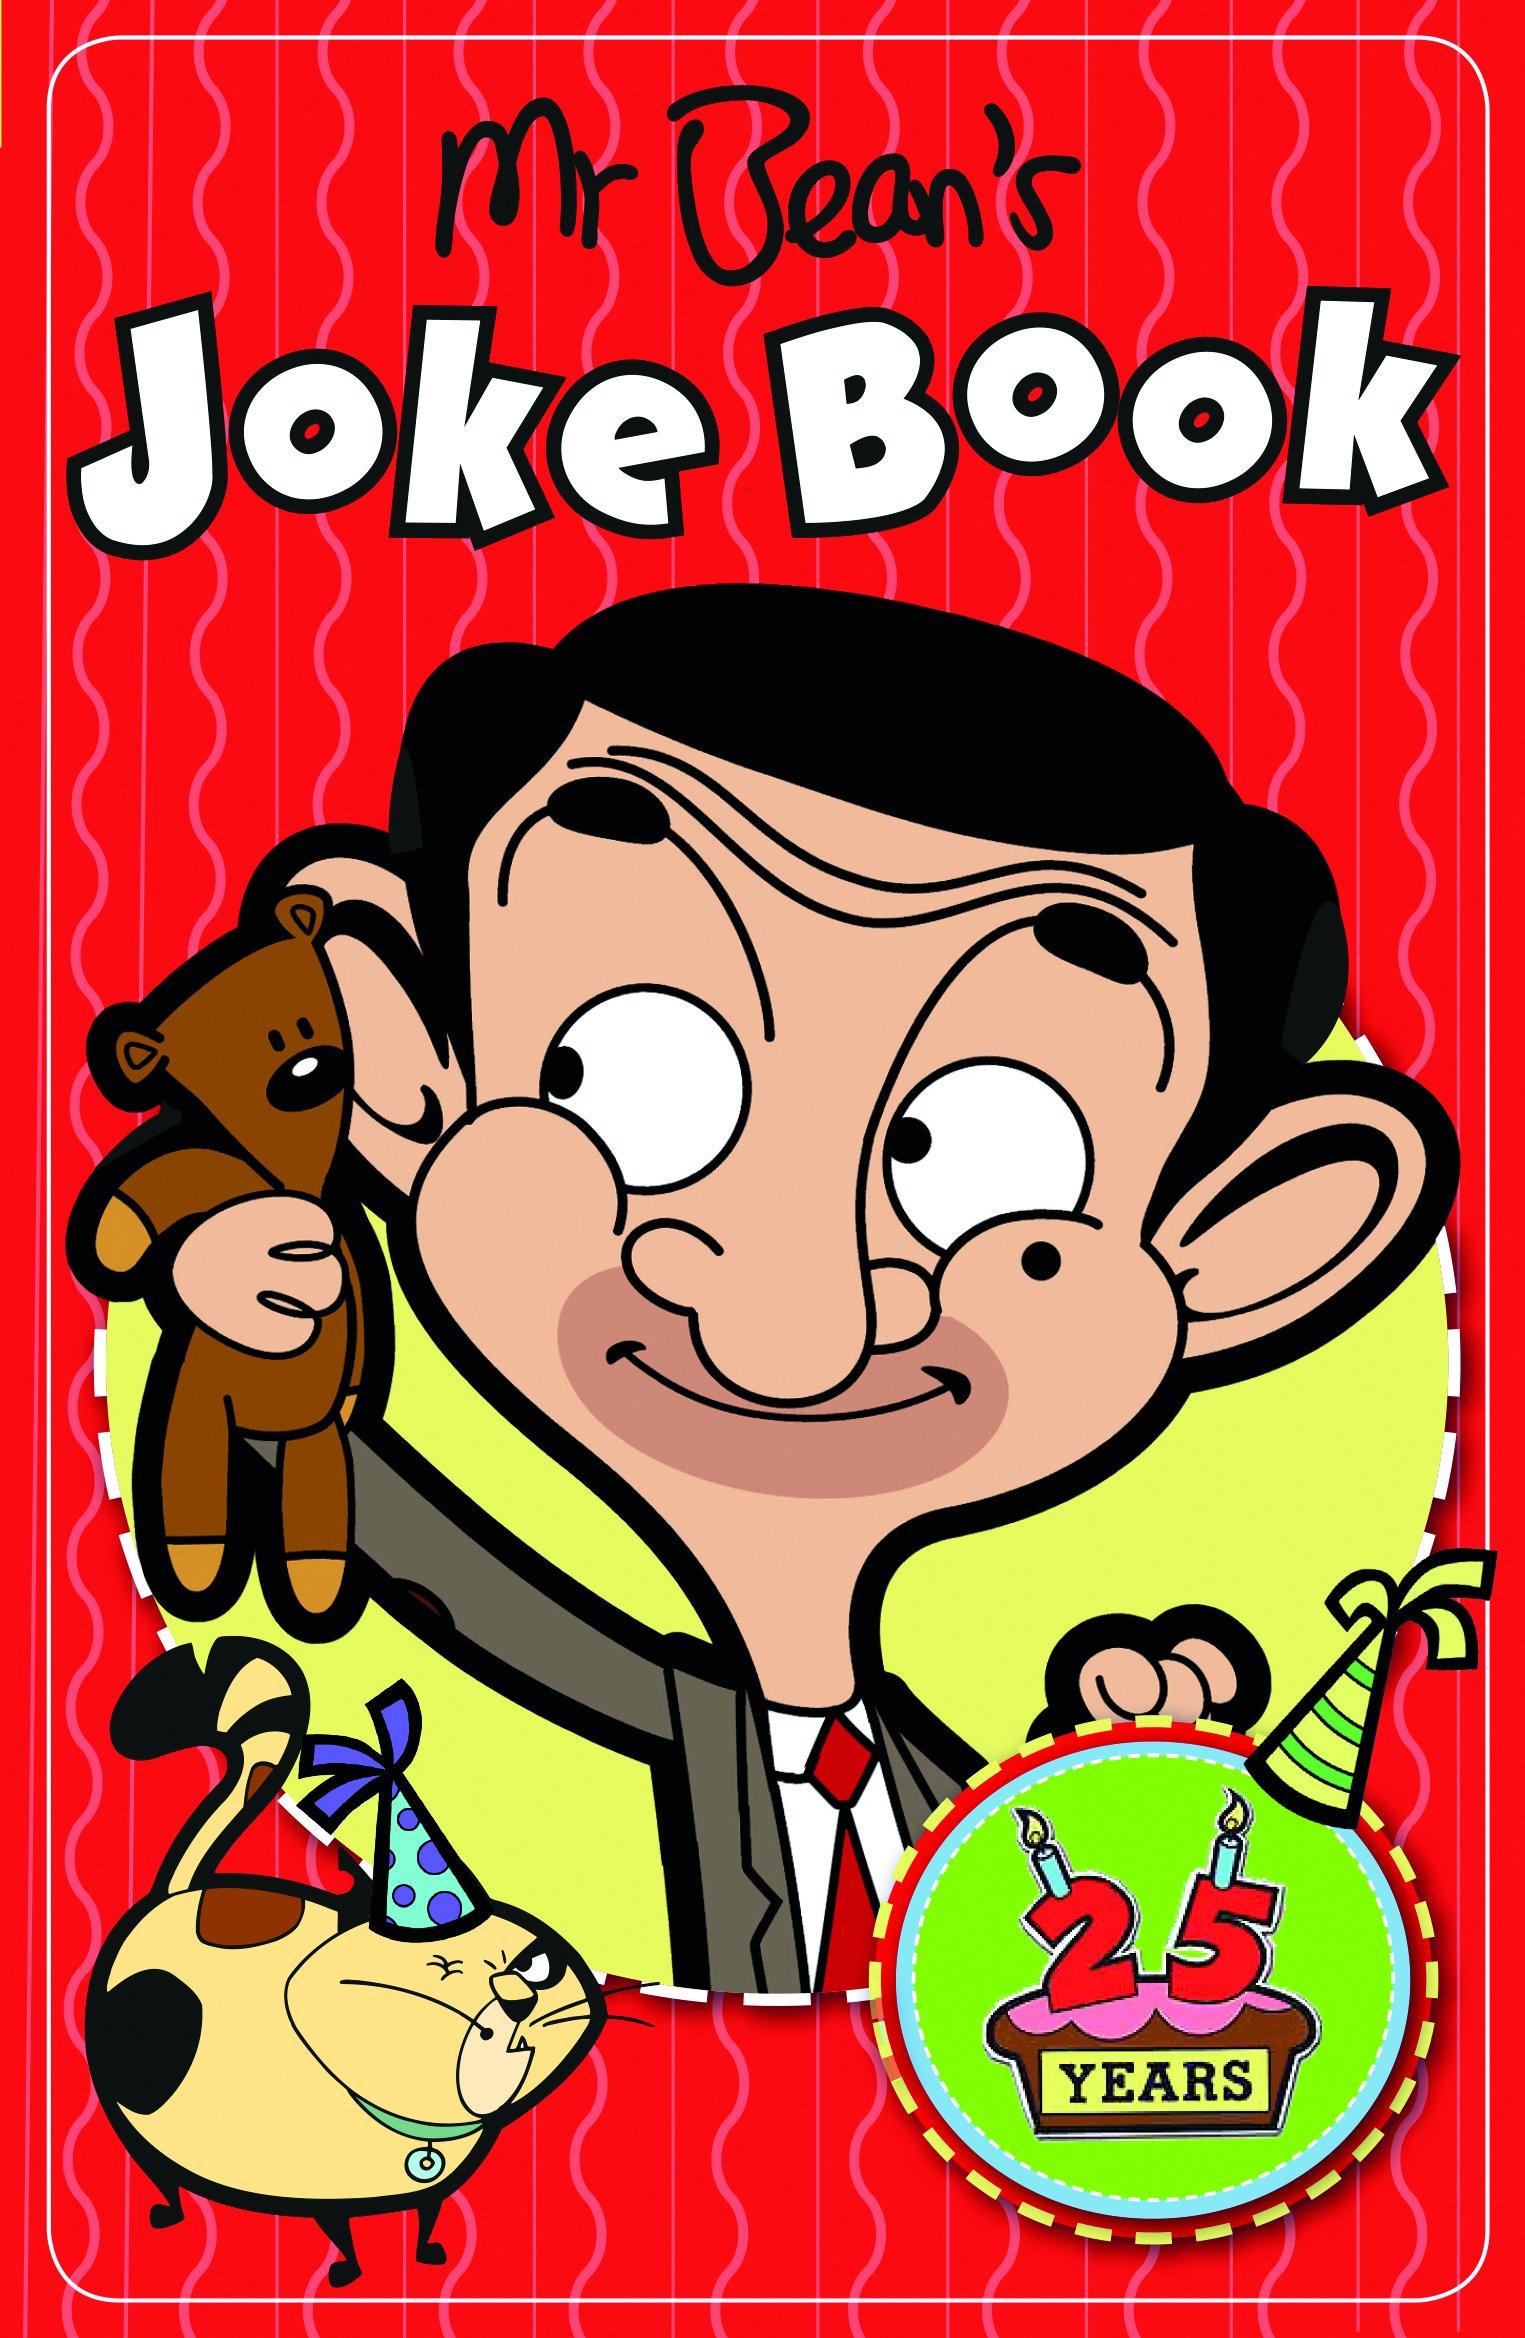 Mr Bean's Joke Book